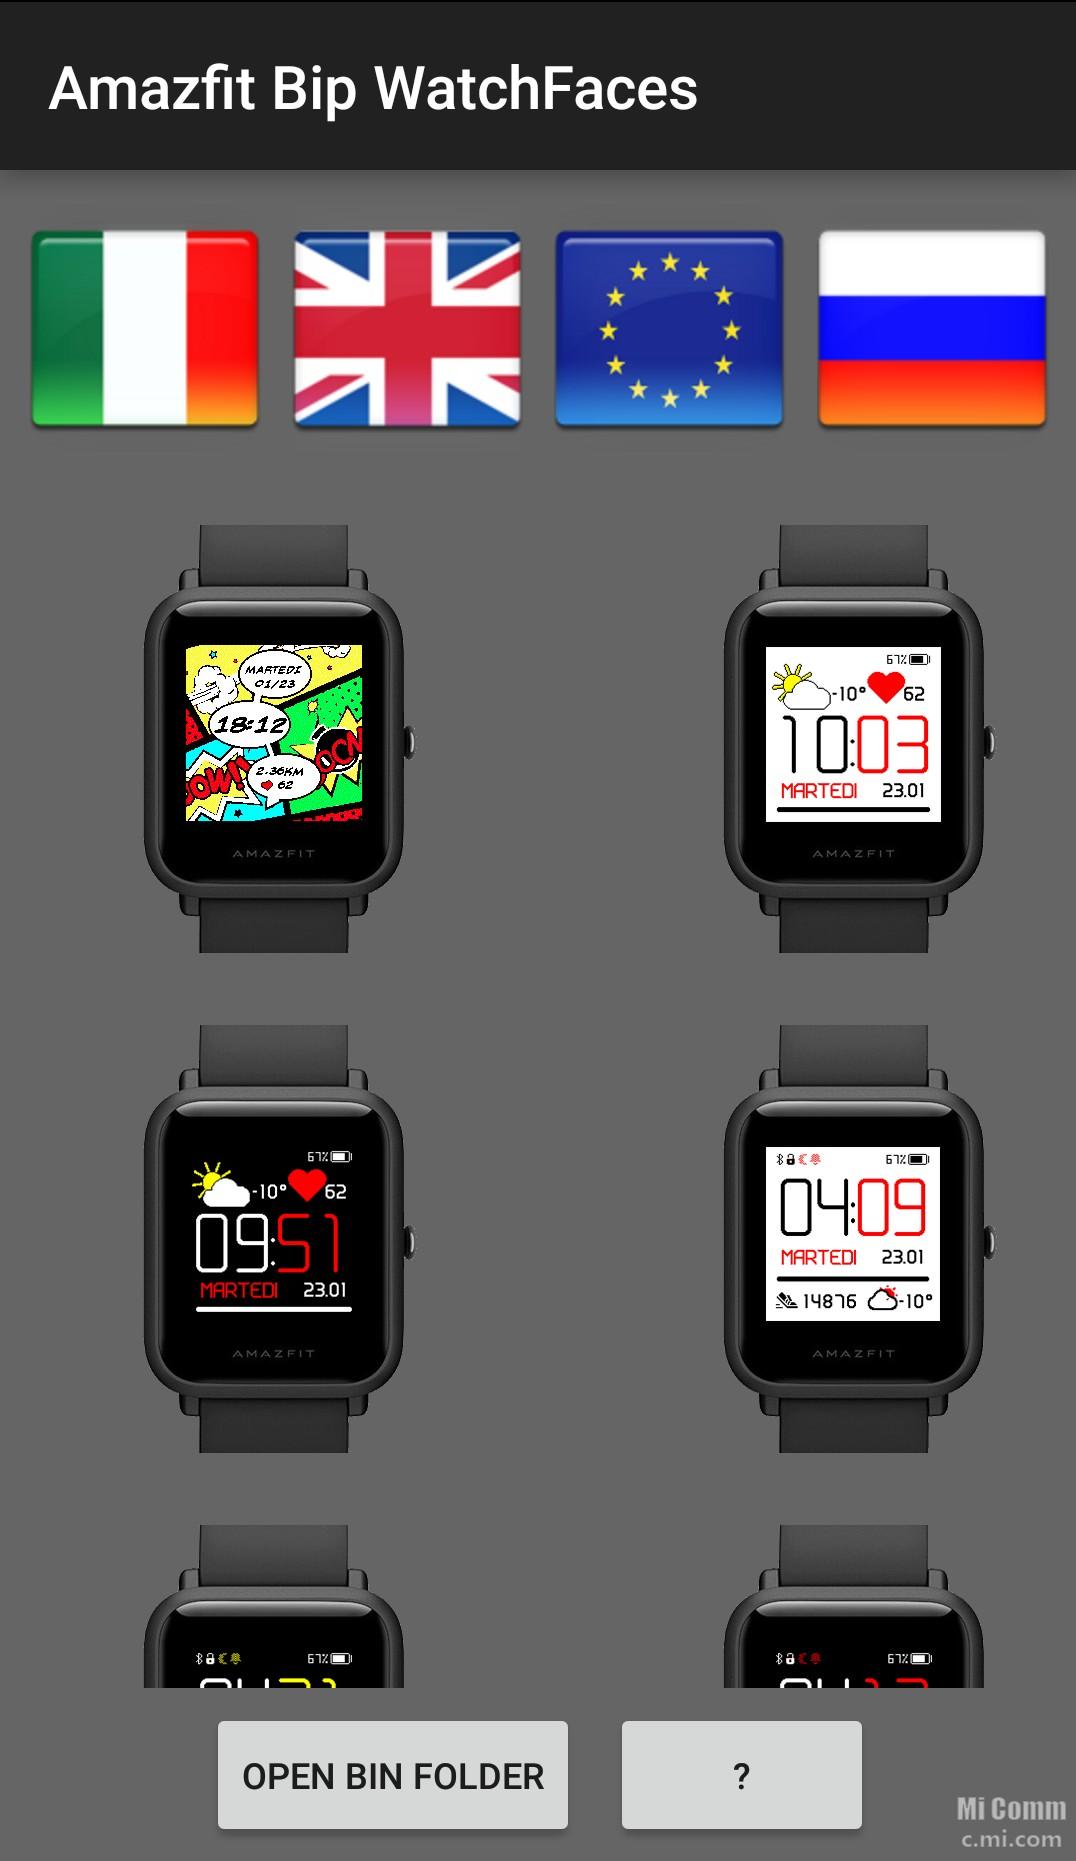 Gonta Ganti Watchface Amazfit bip feat app amazfit bip watchfaces